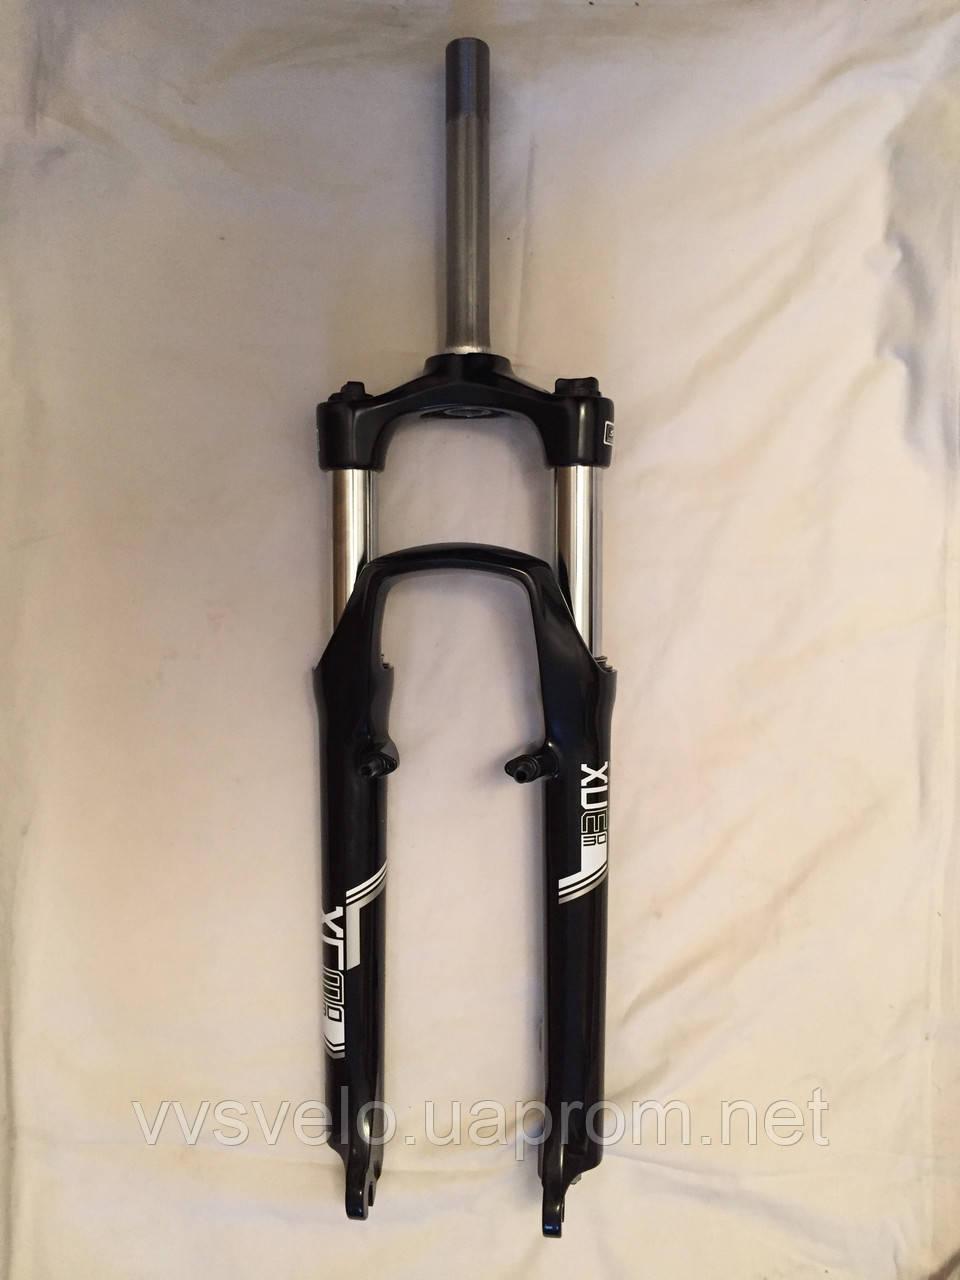 Велосипедная Вилка  Suntour SF-15-XCM-P-26-100 с резьбой 25,4 черная